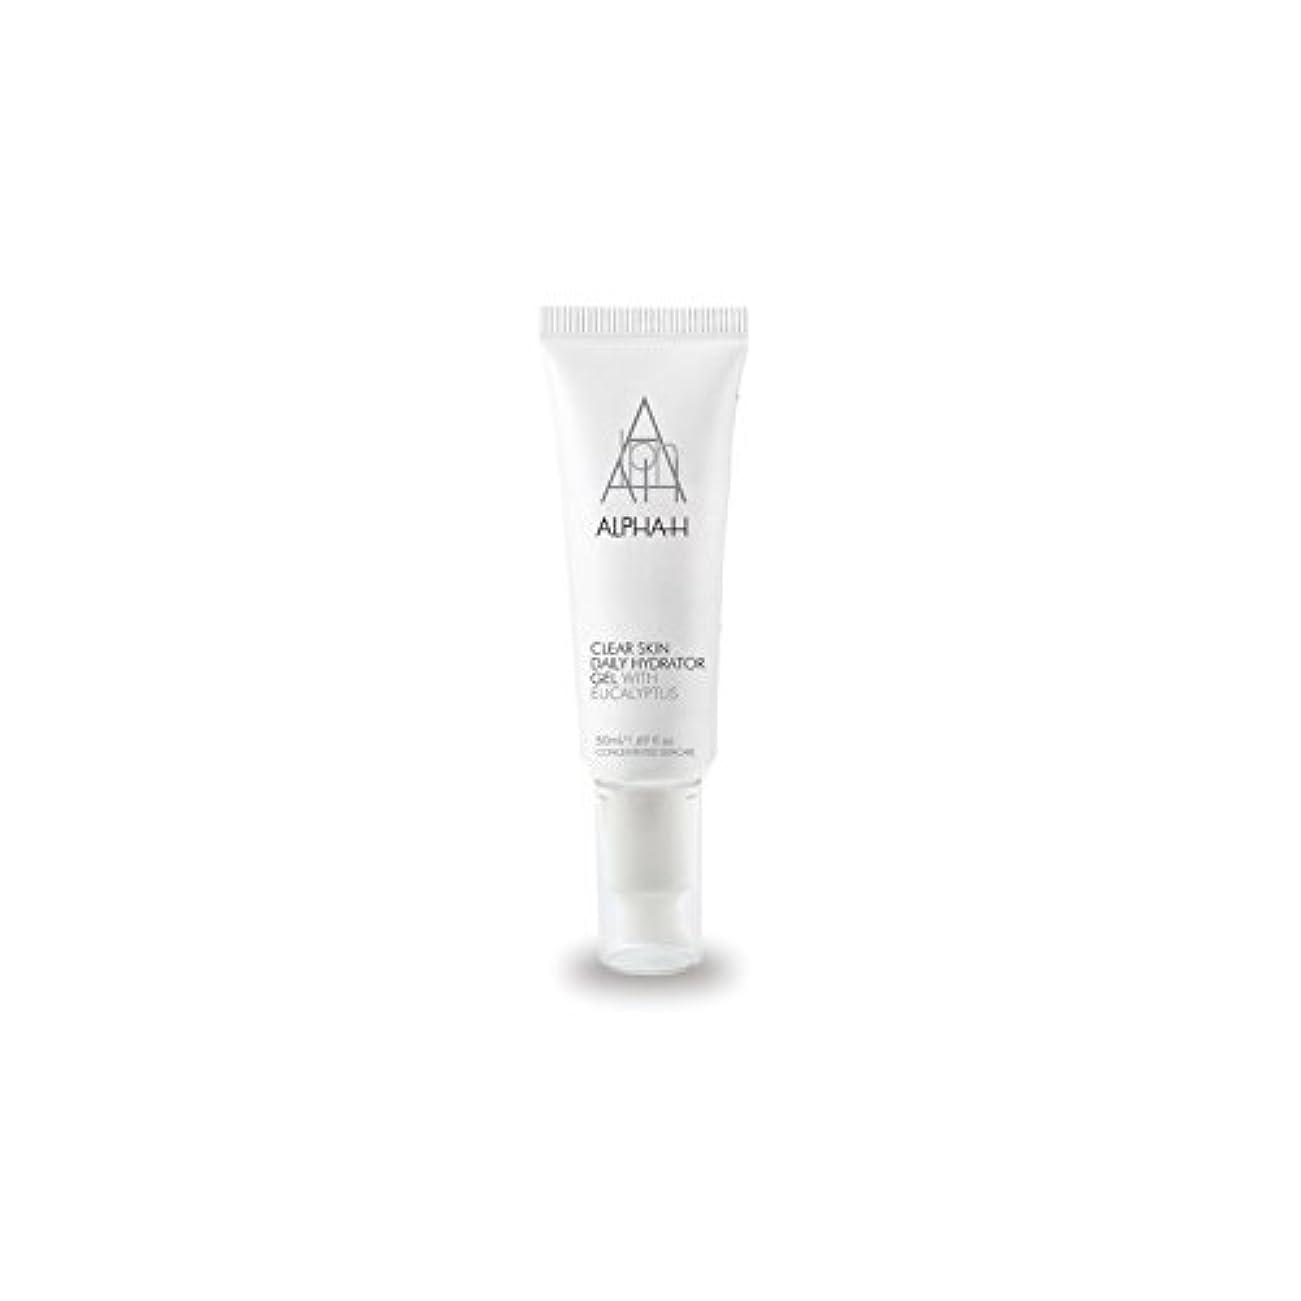 ボルトお互い連想アルファクリア皮膚毎日ハイドレーターゲル(50)中 x4 - Alpha-H Clear Skin Daily Hydrator Gel (50ml) (Pack of 4) [並行輸入品]